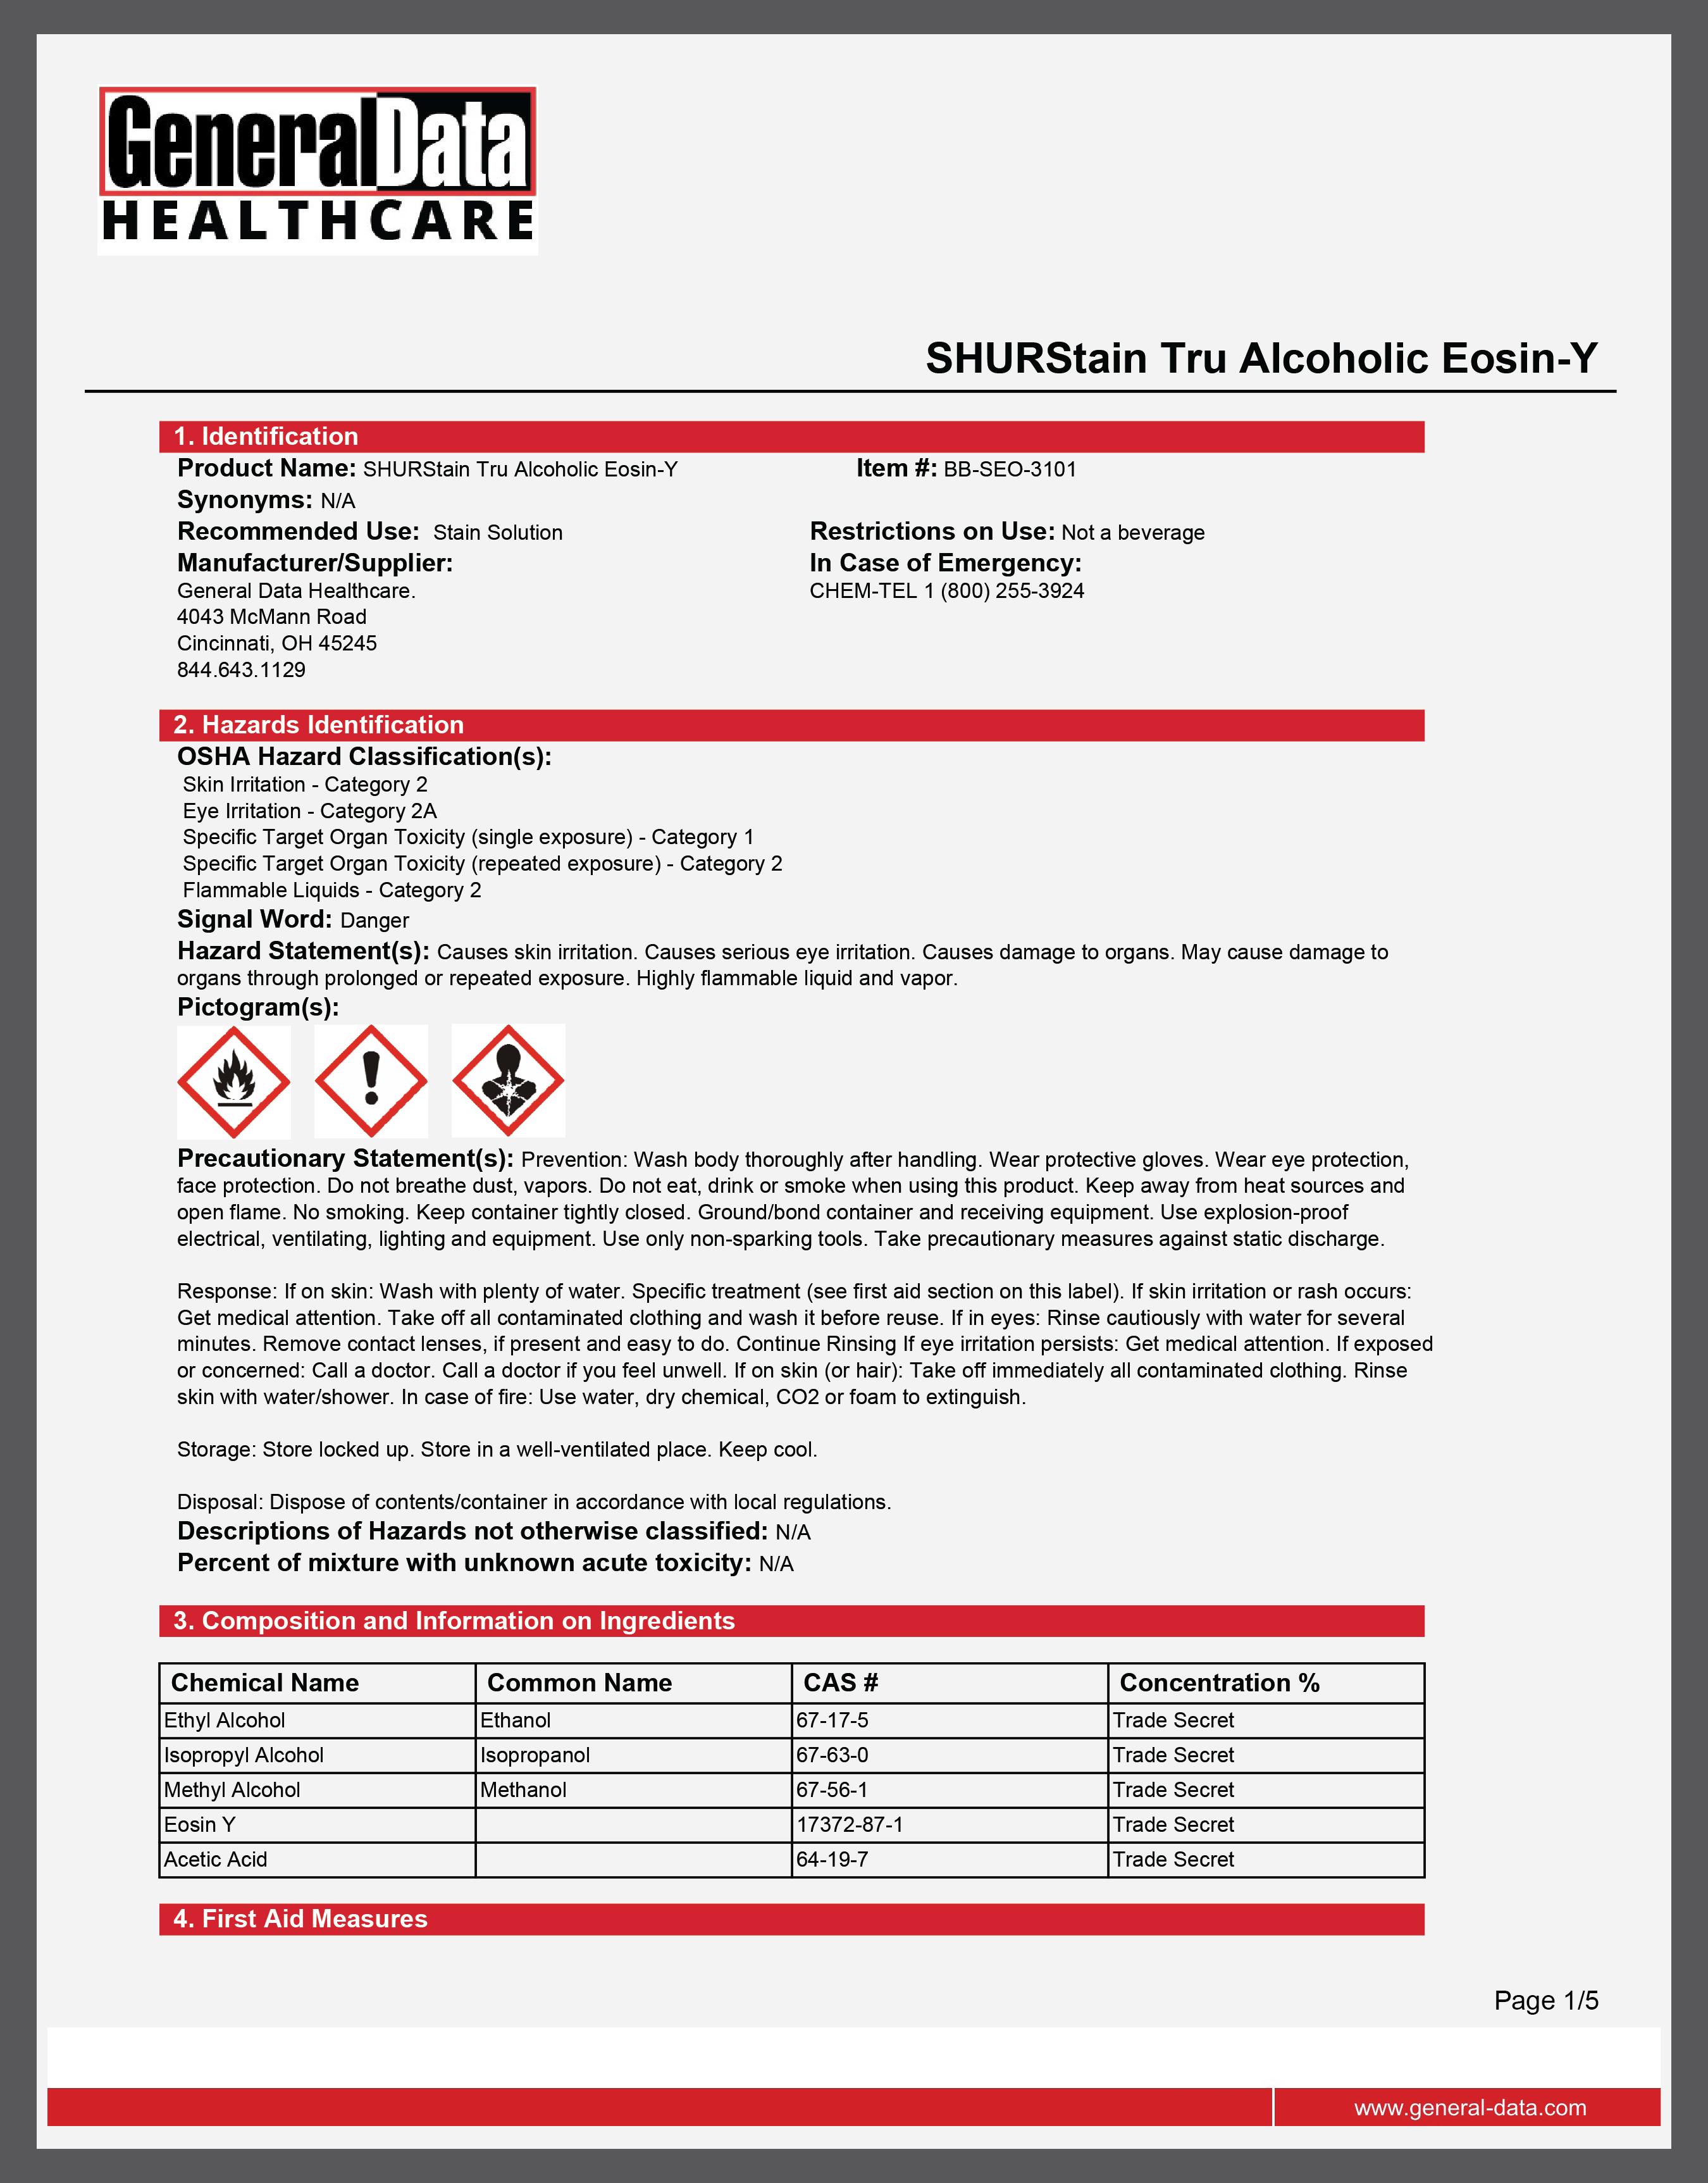 SHURStain Tru Alcoholic Eosin-Y Safety Data Sheet